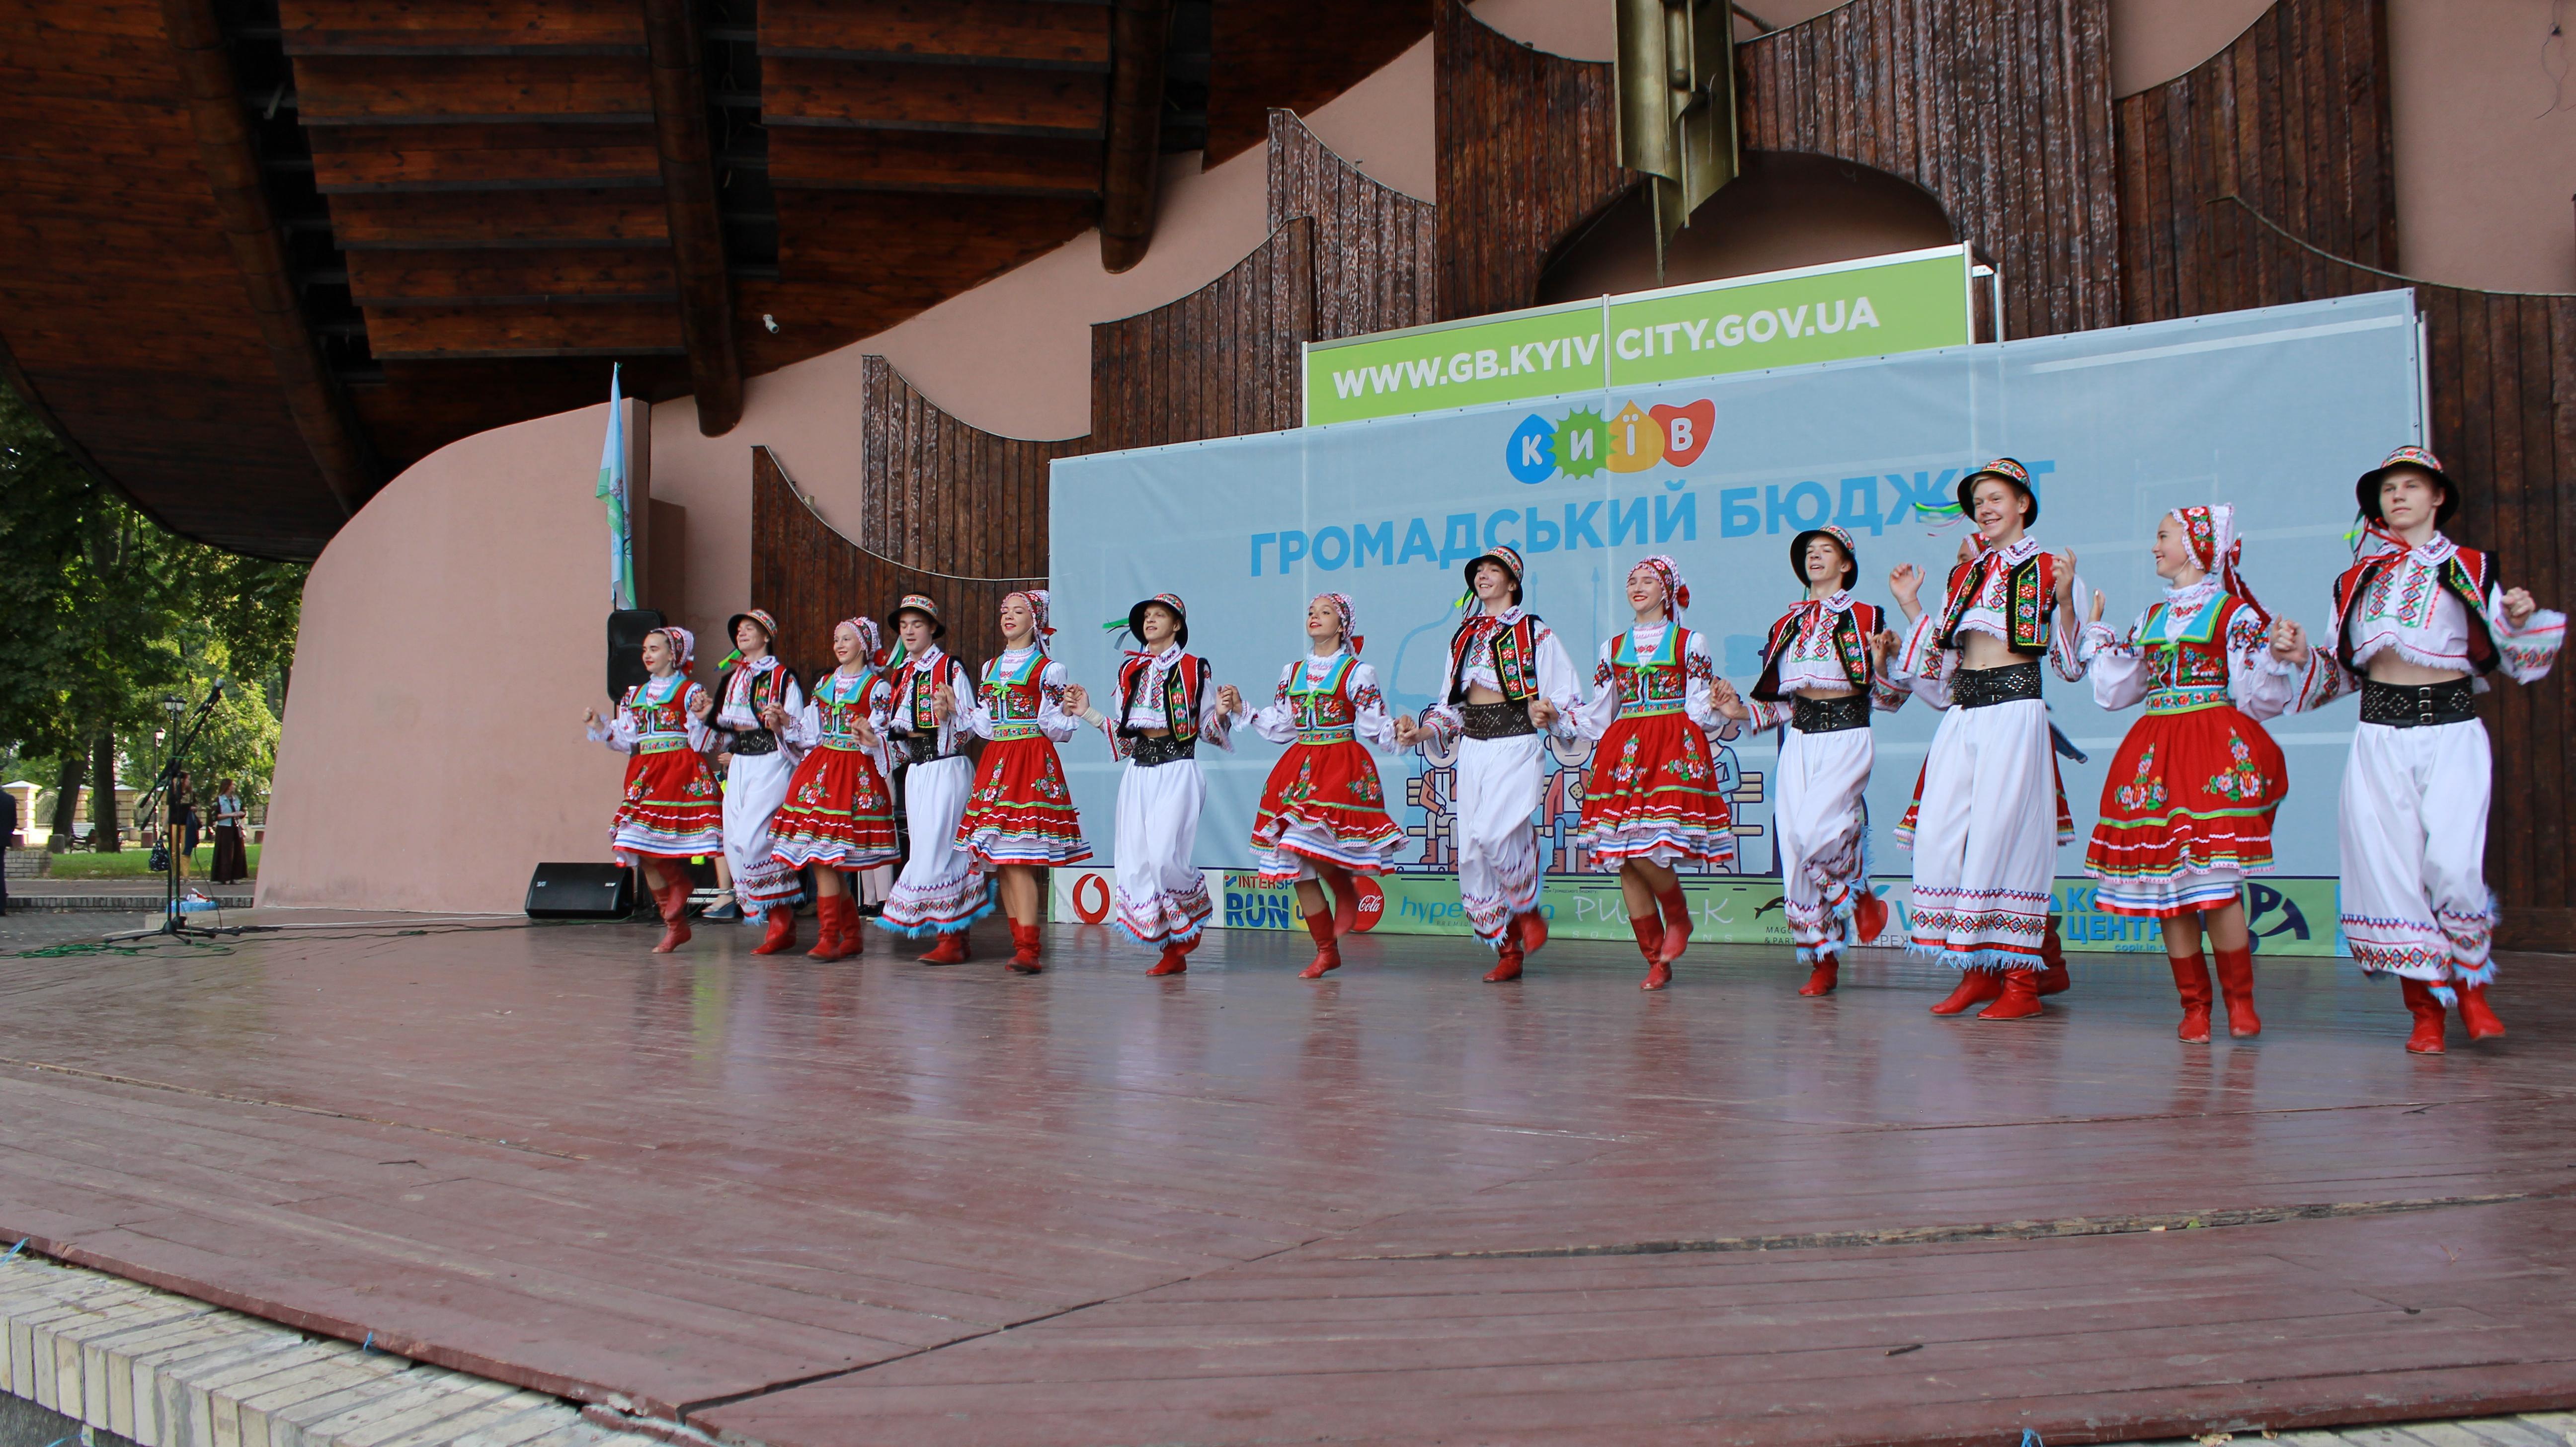 Magonova & Partners организовала мероприятие «ГБ-фест» в Киеве